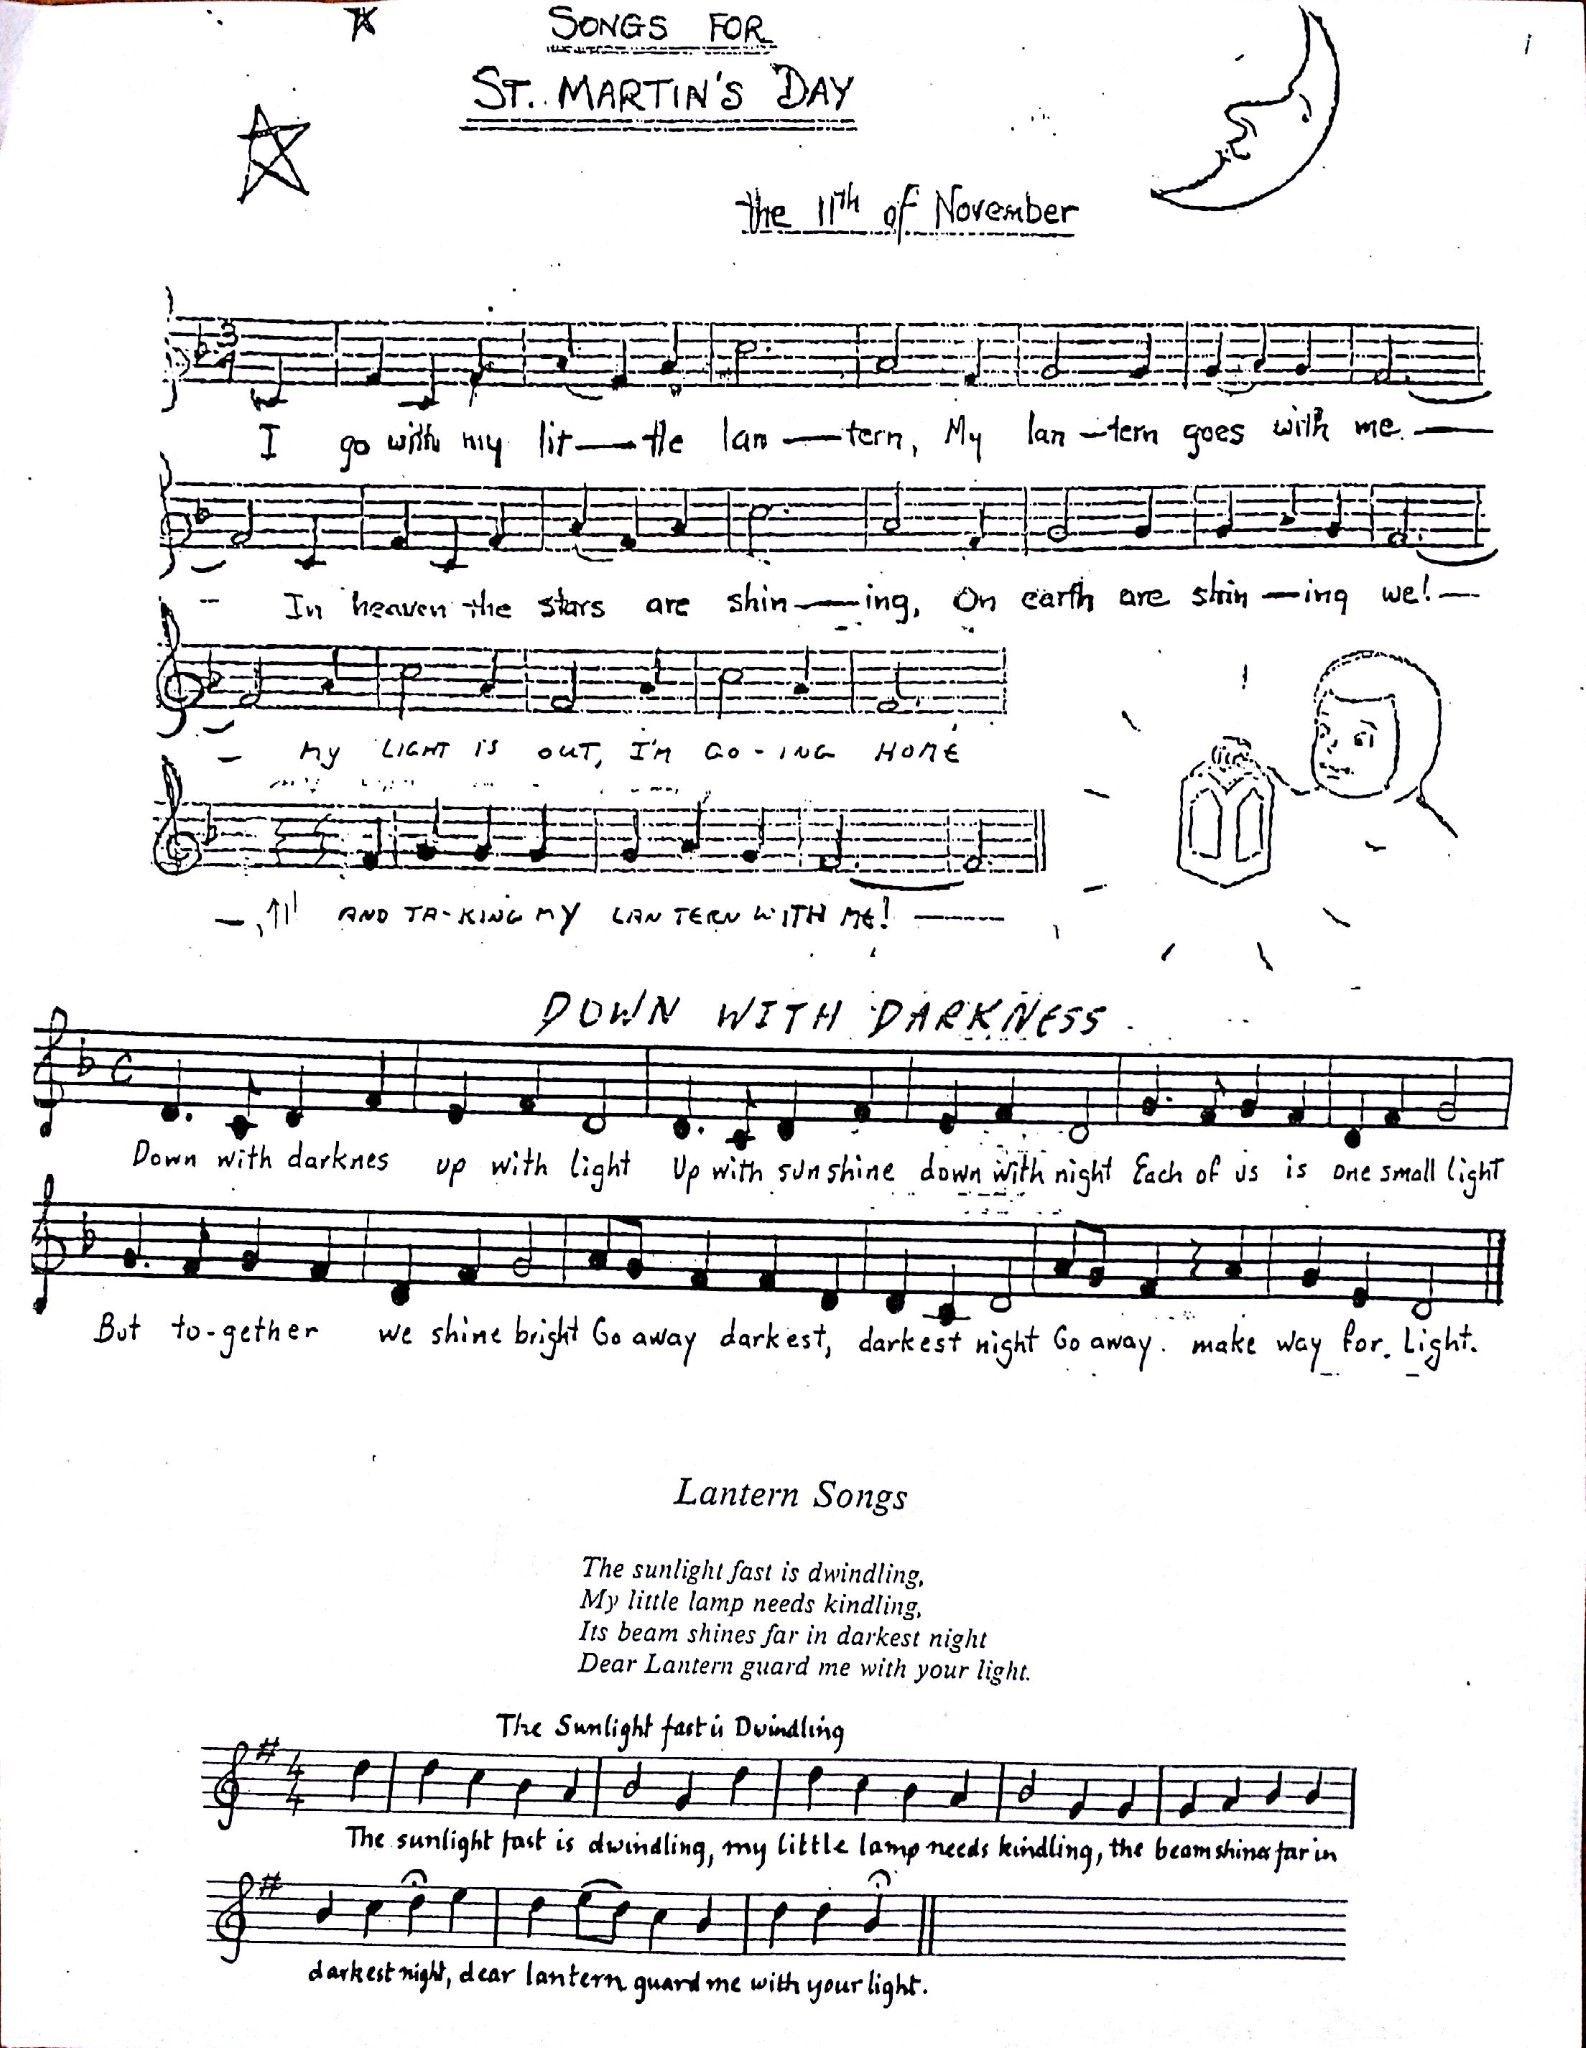 Lantern Songs Sheet Music